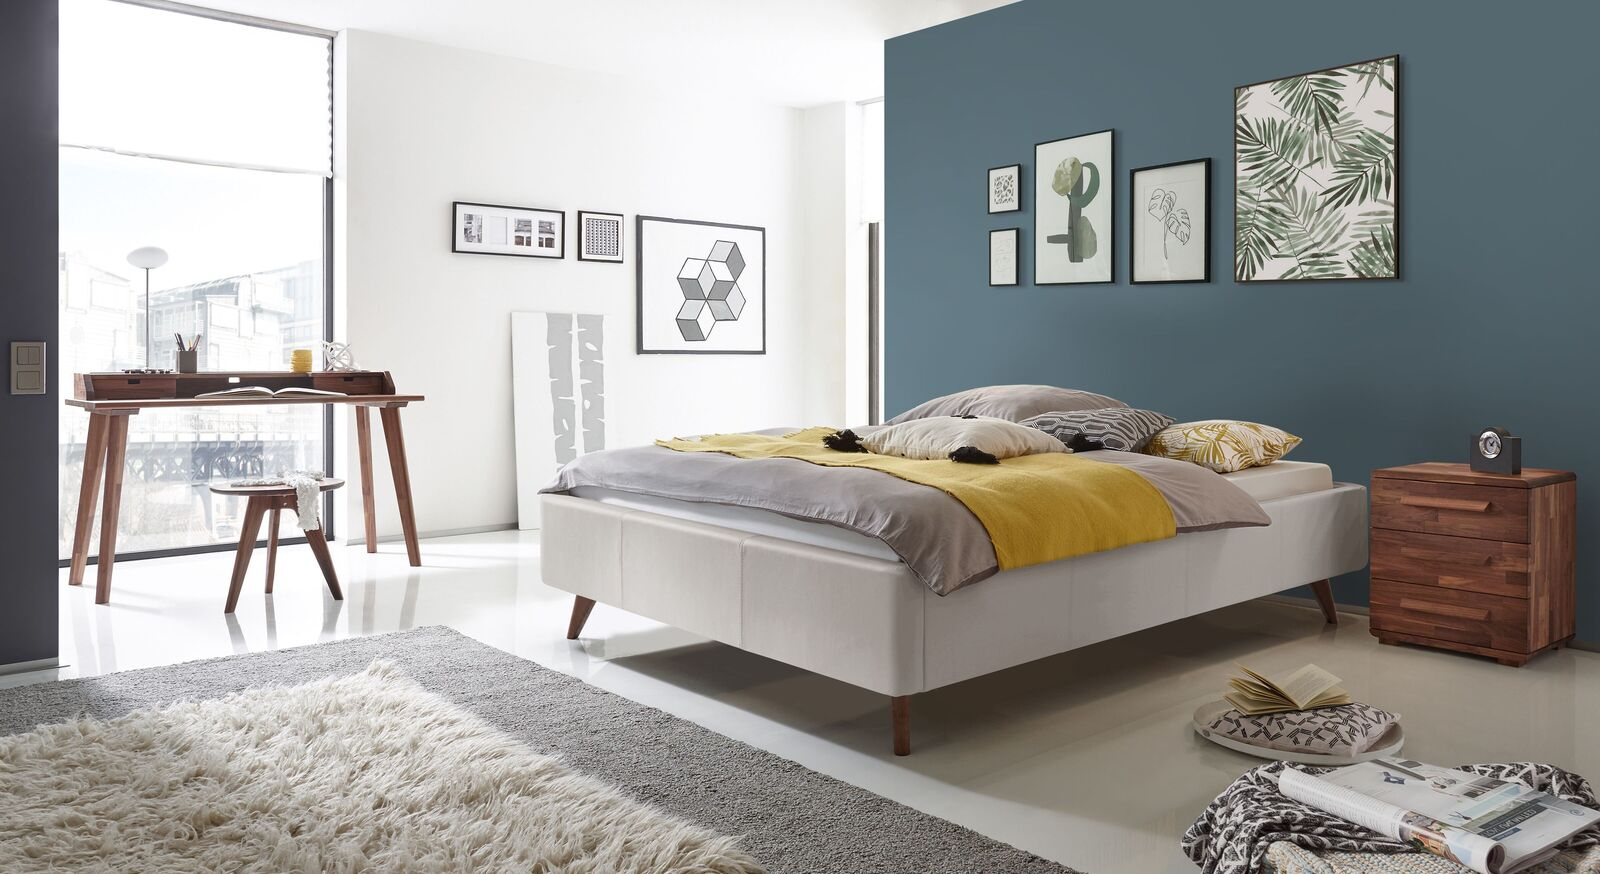 Liege Sien mit passender Schlafzimmer-Ausstattung